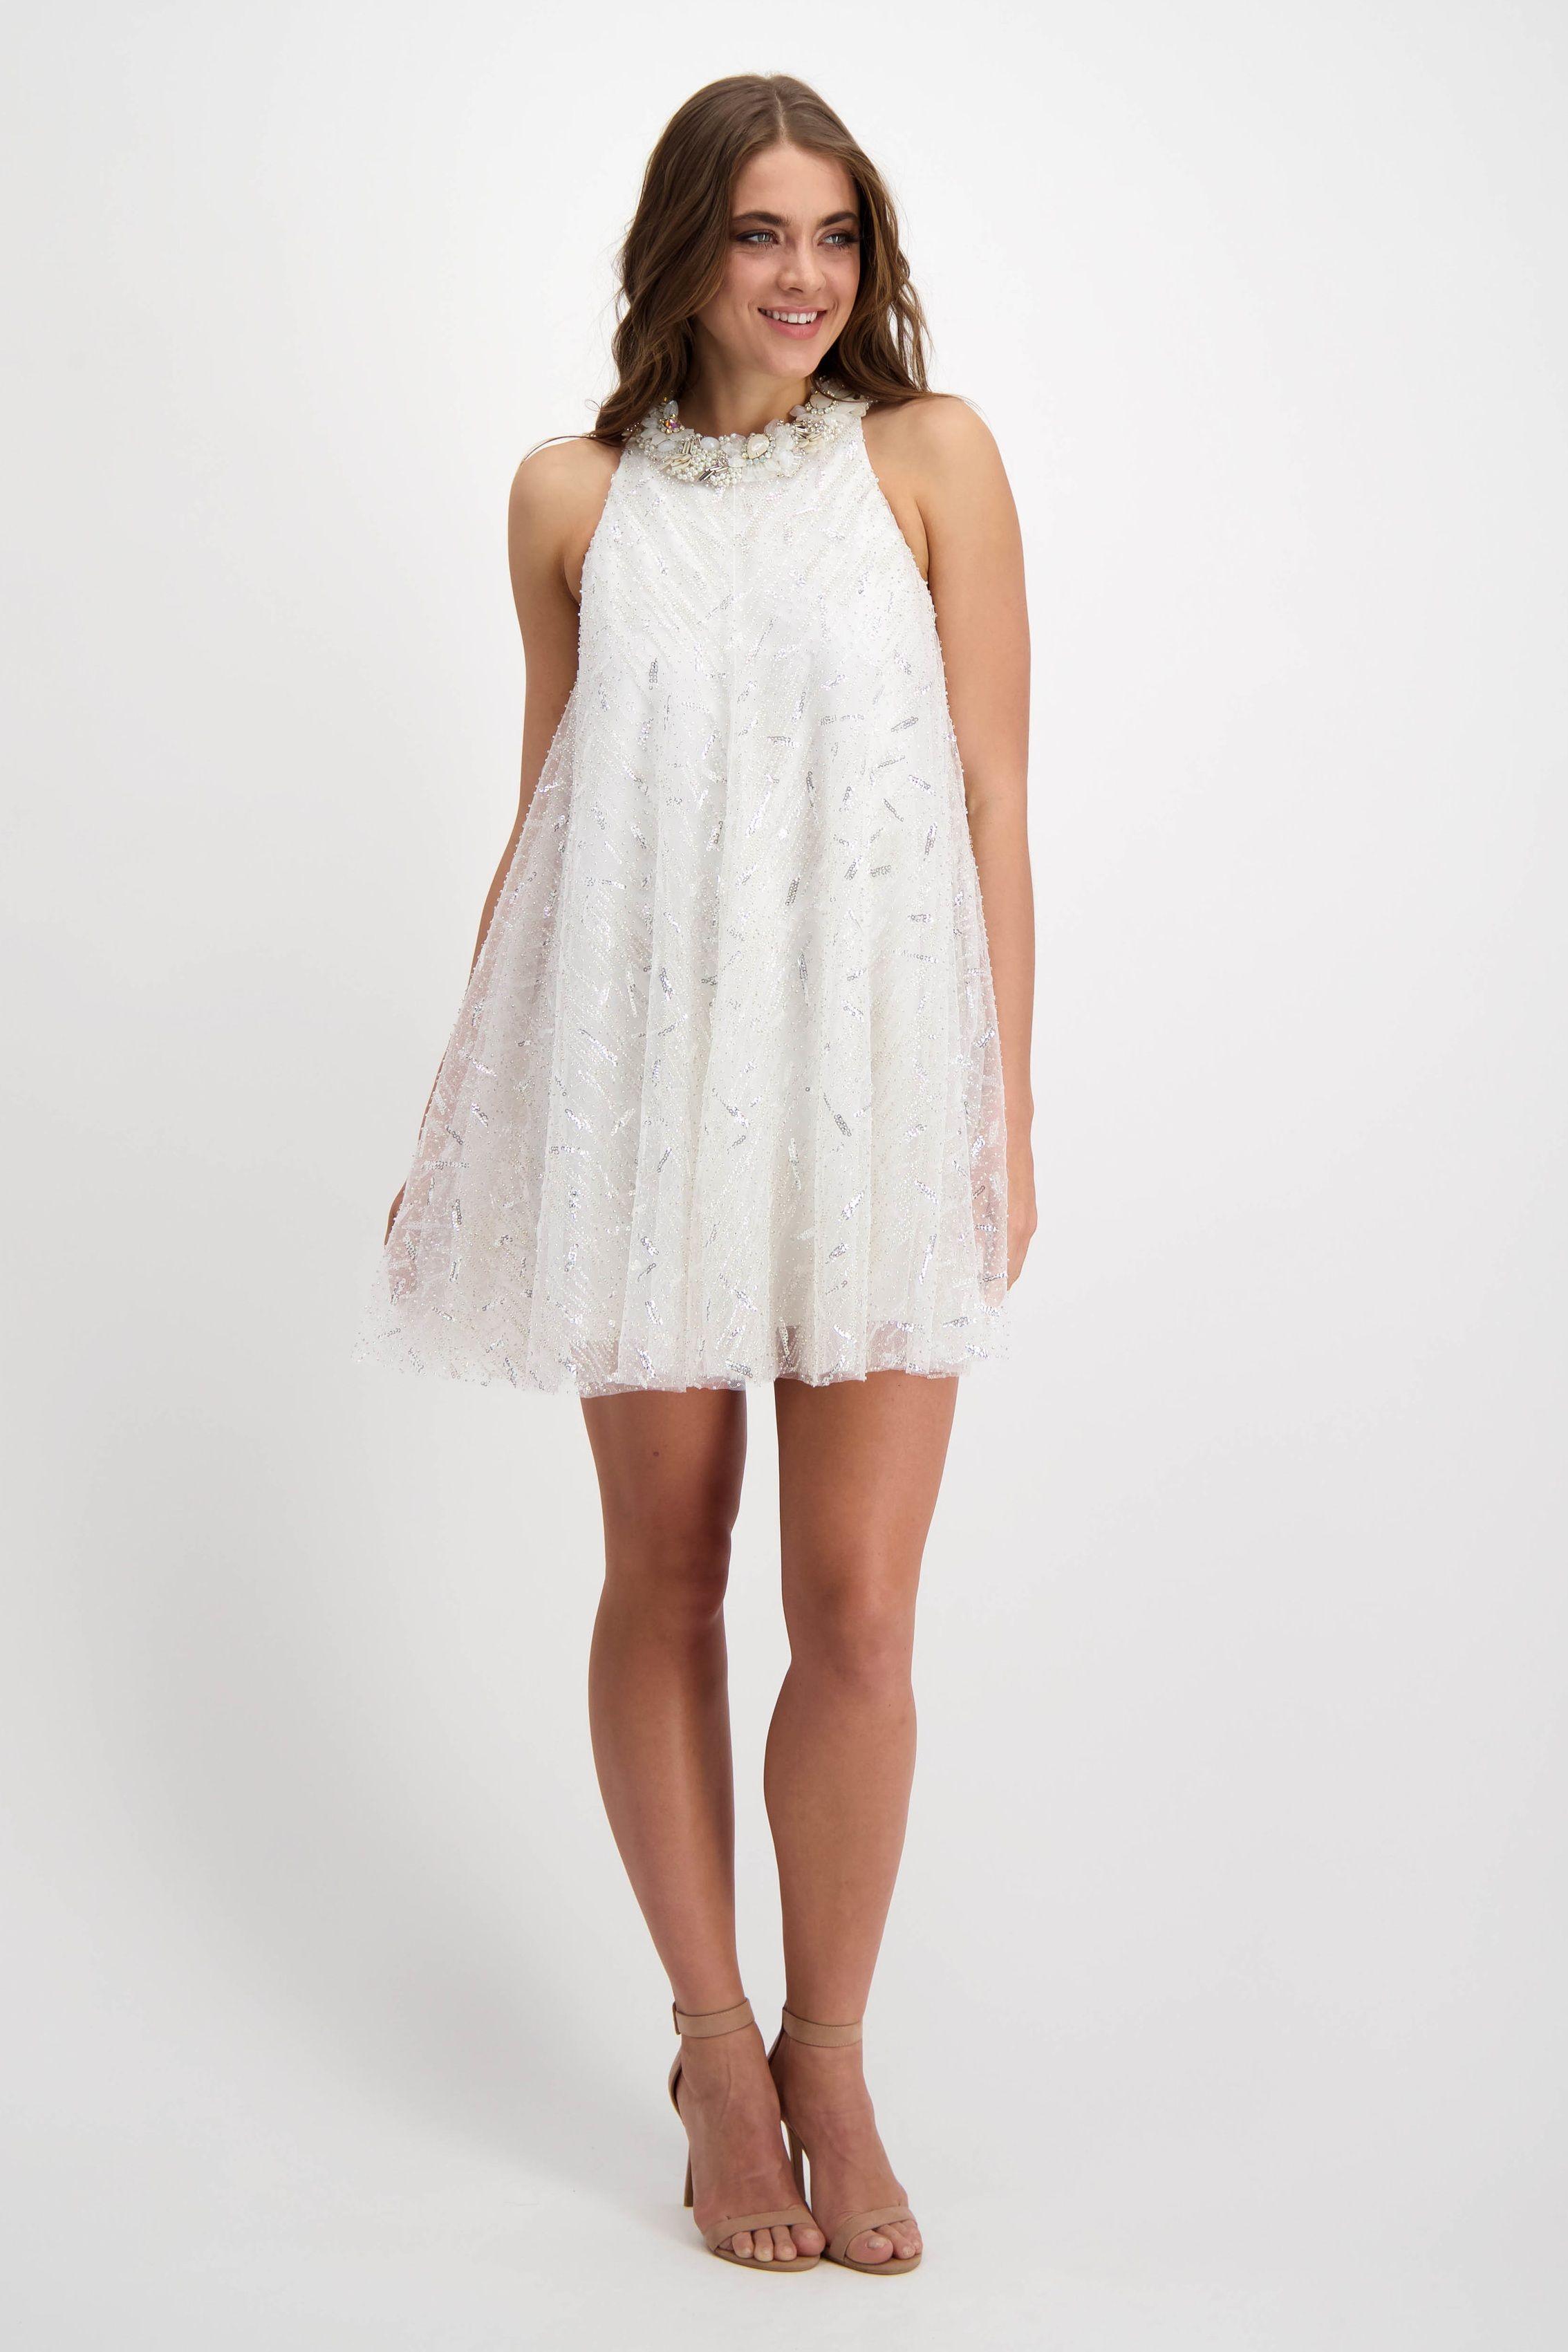 Daisy Dress Little White Dresses Sparkly Party Dress Dresses [ 3402 x 2268 Pixel ]